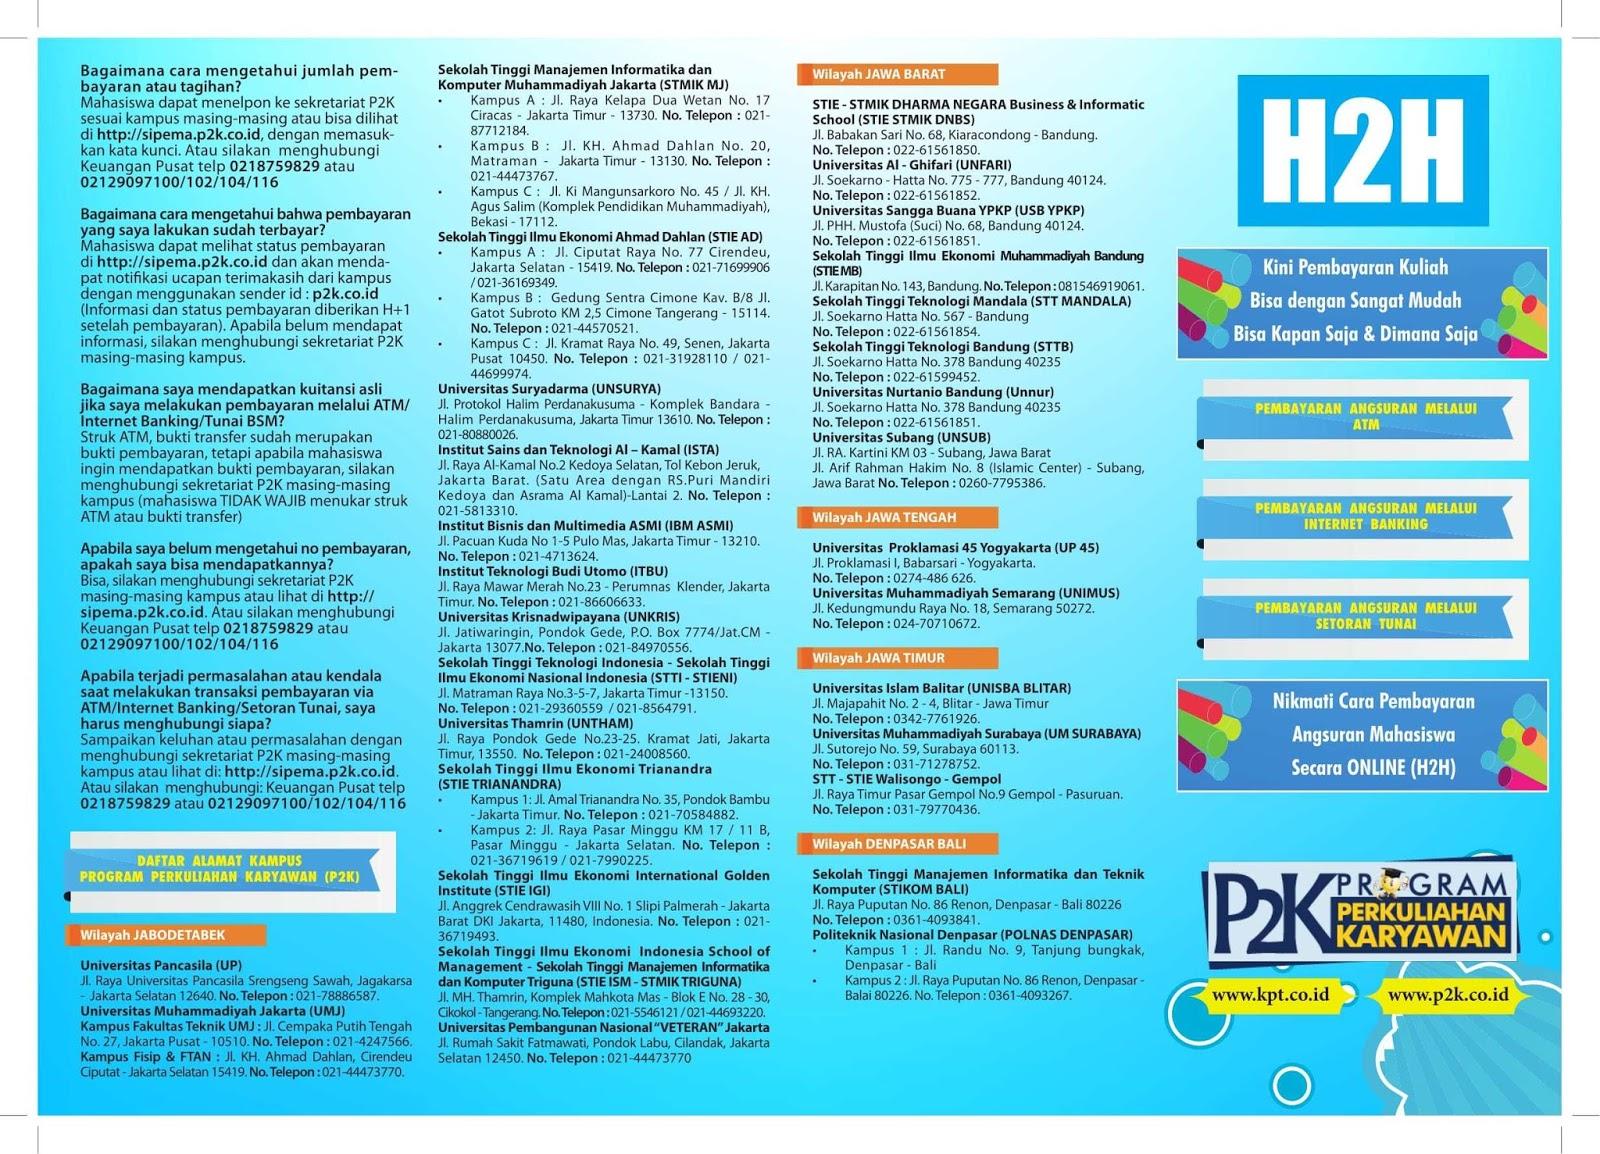 Sipema p2k - sistem pembayaran mahasiswa 2